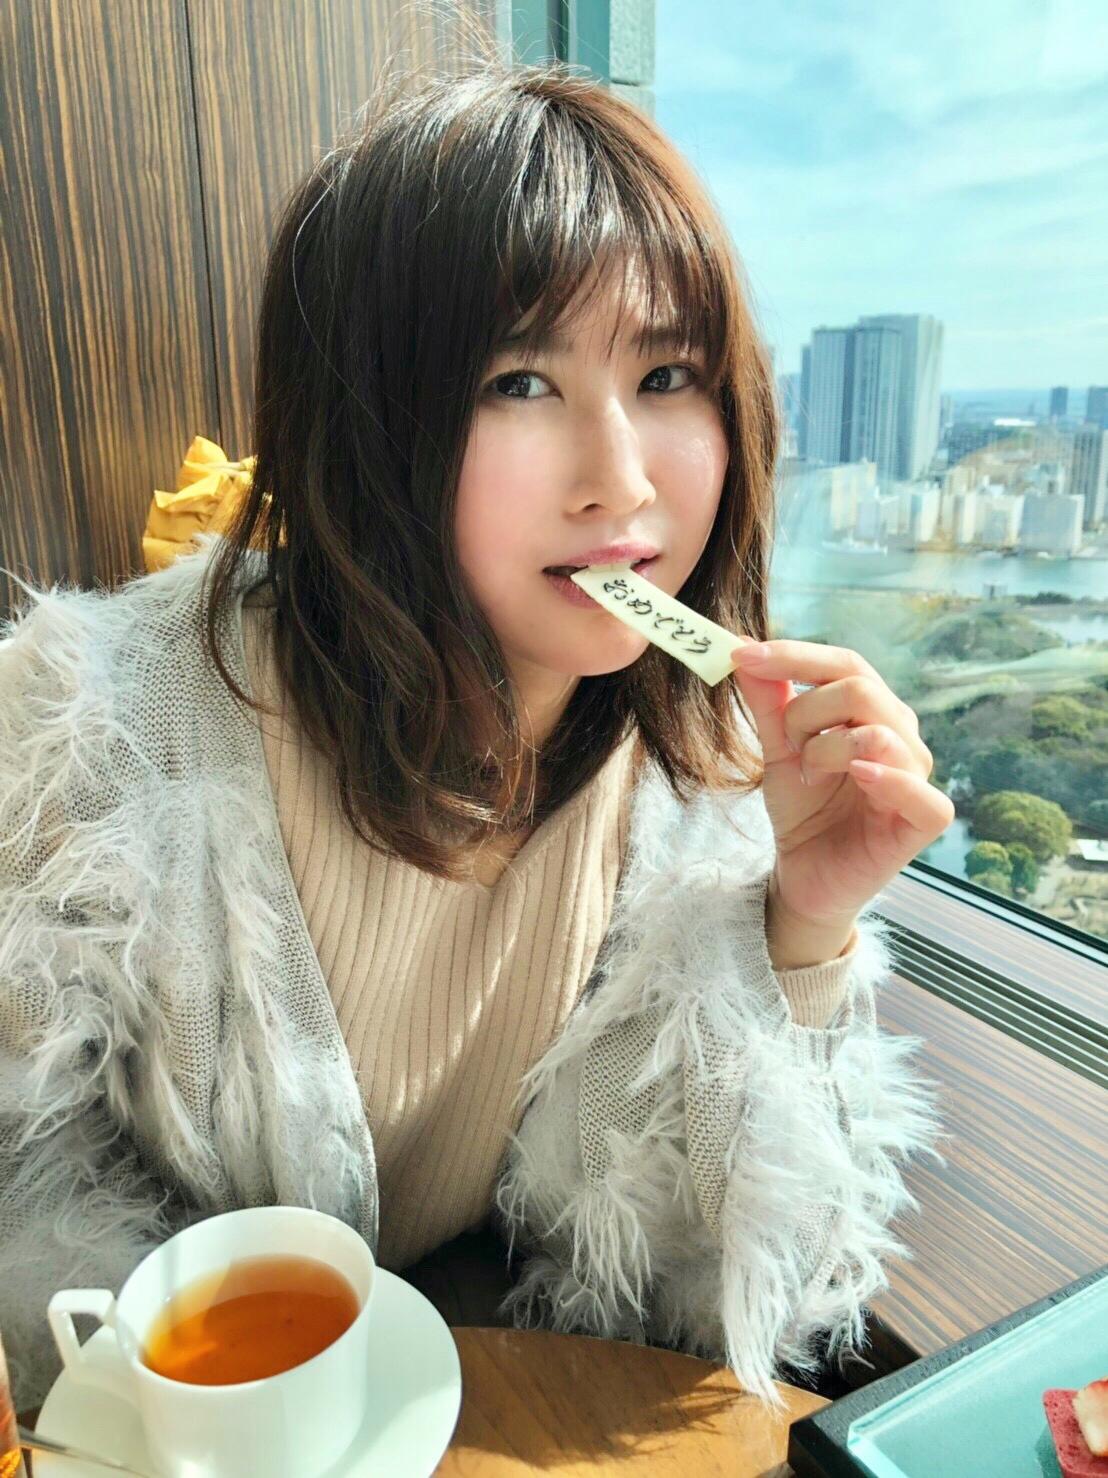 1000記事更新達成!コンラッド東京のいちごアフタヌーンティーでお祝い♡_3